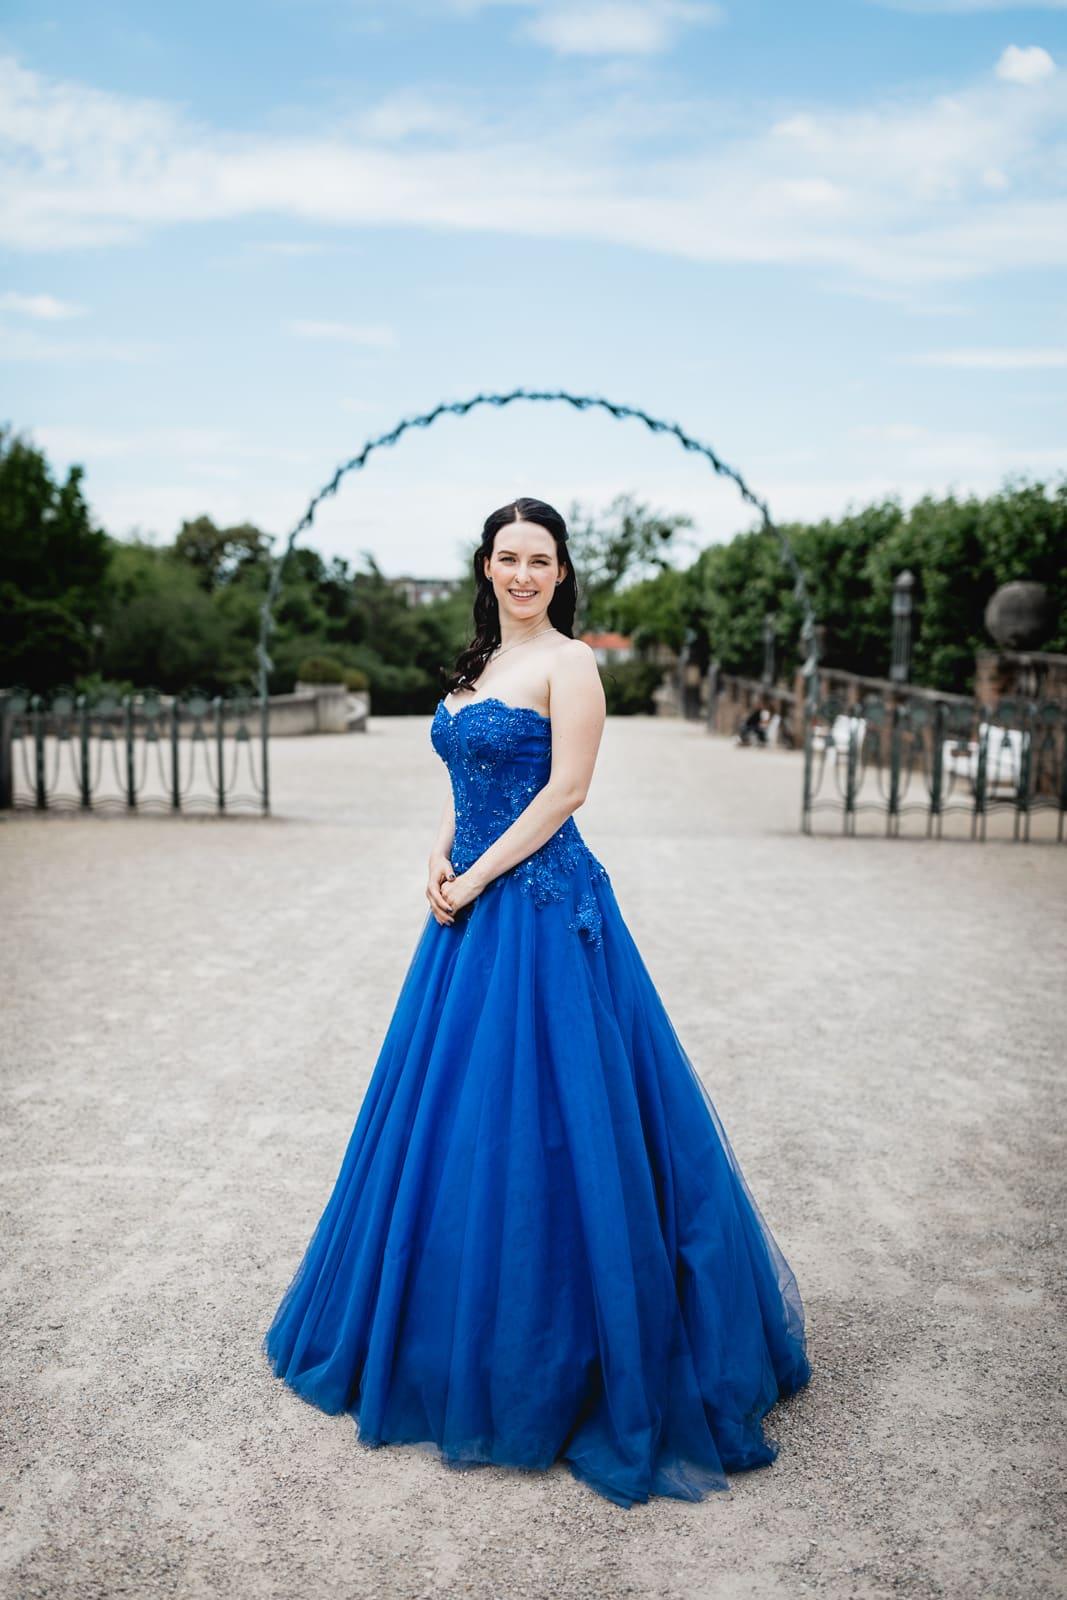 Braut im blauen Brautkleid auf der Mathildenhöhe Darmstadt steht unter Bogen